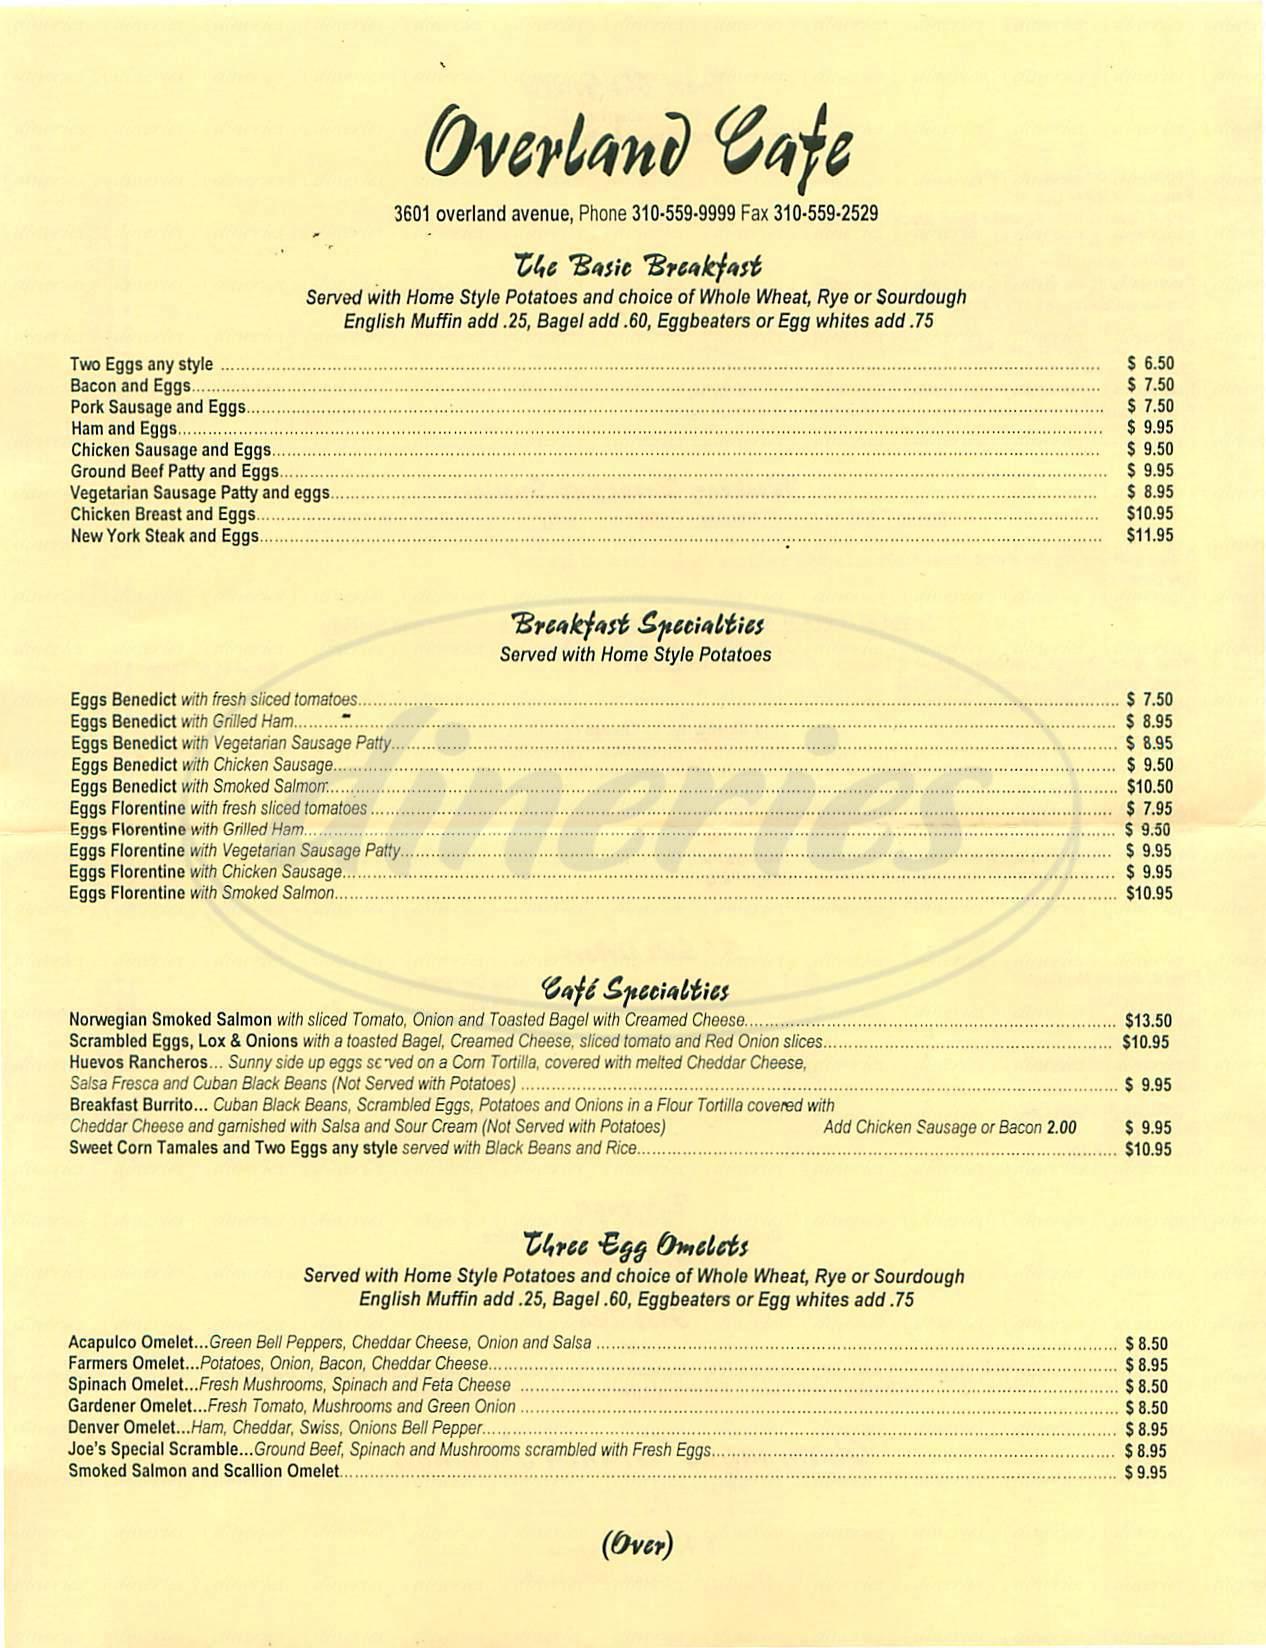 menu for Overland Café